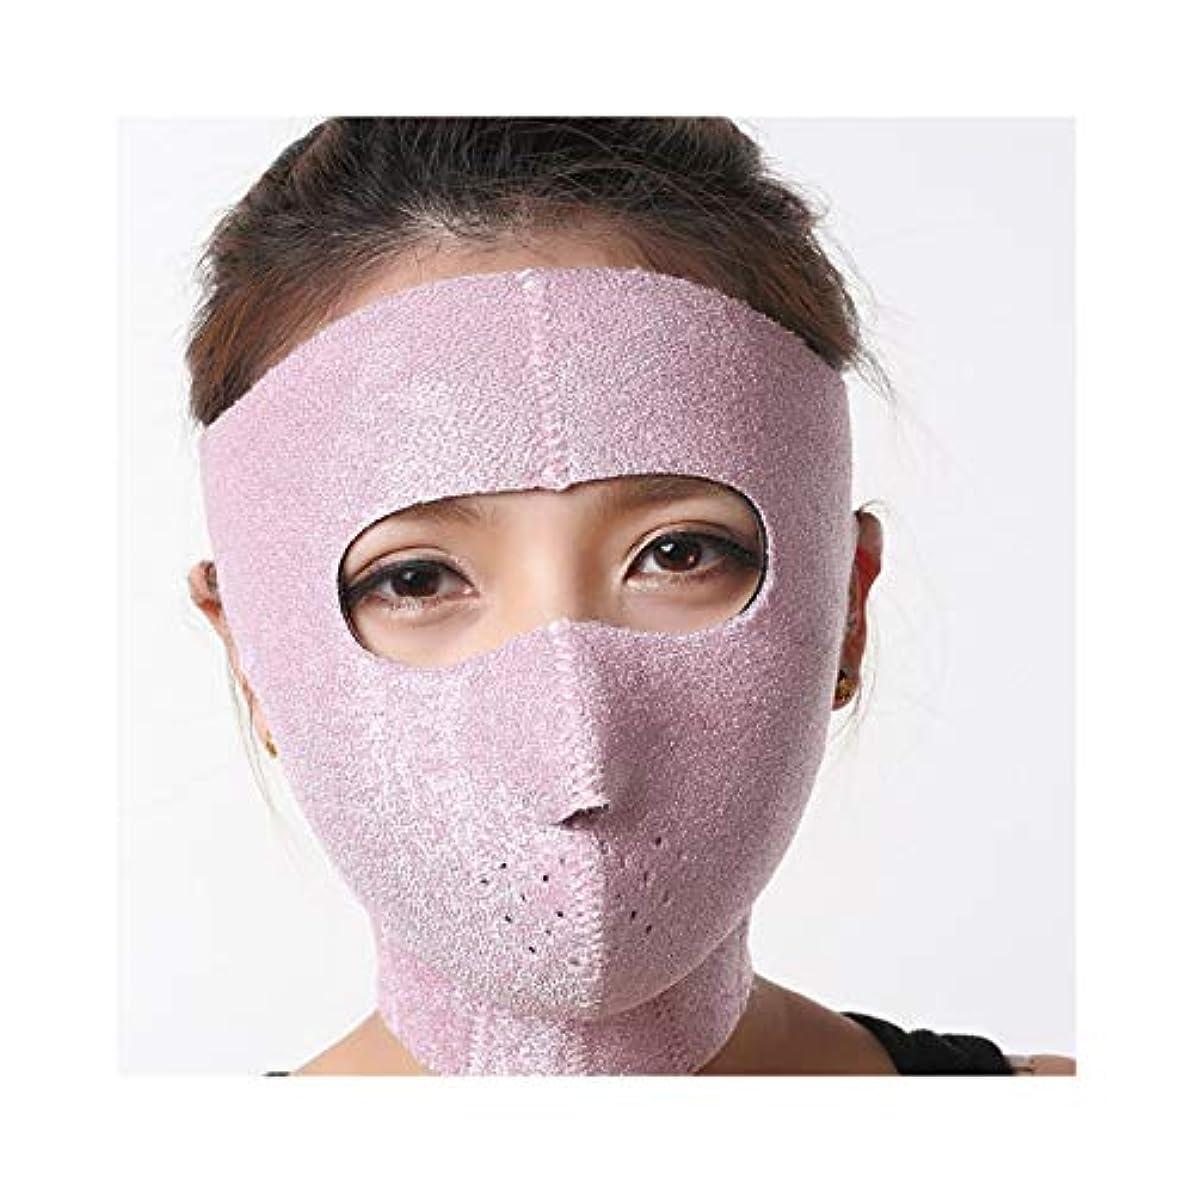 封筒通り女王GLJJQMY スリムベルトマスク薄い顔マスク睡眠薄い顔マスク薄い顔包帯薄い顔アーティファクト薄い顔薄い顔薄い顔小さいV顔睡眠薄い顔ベルト 顔用整形マスク